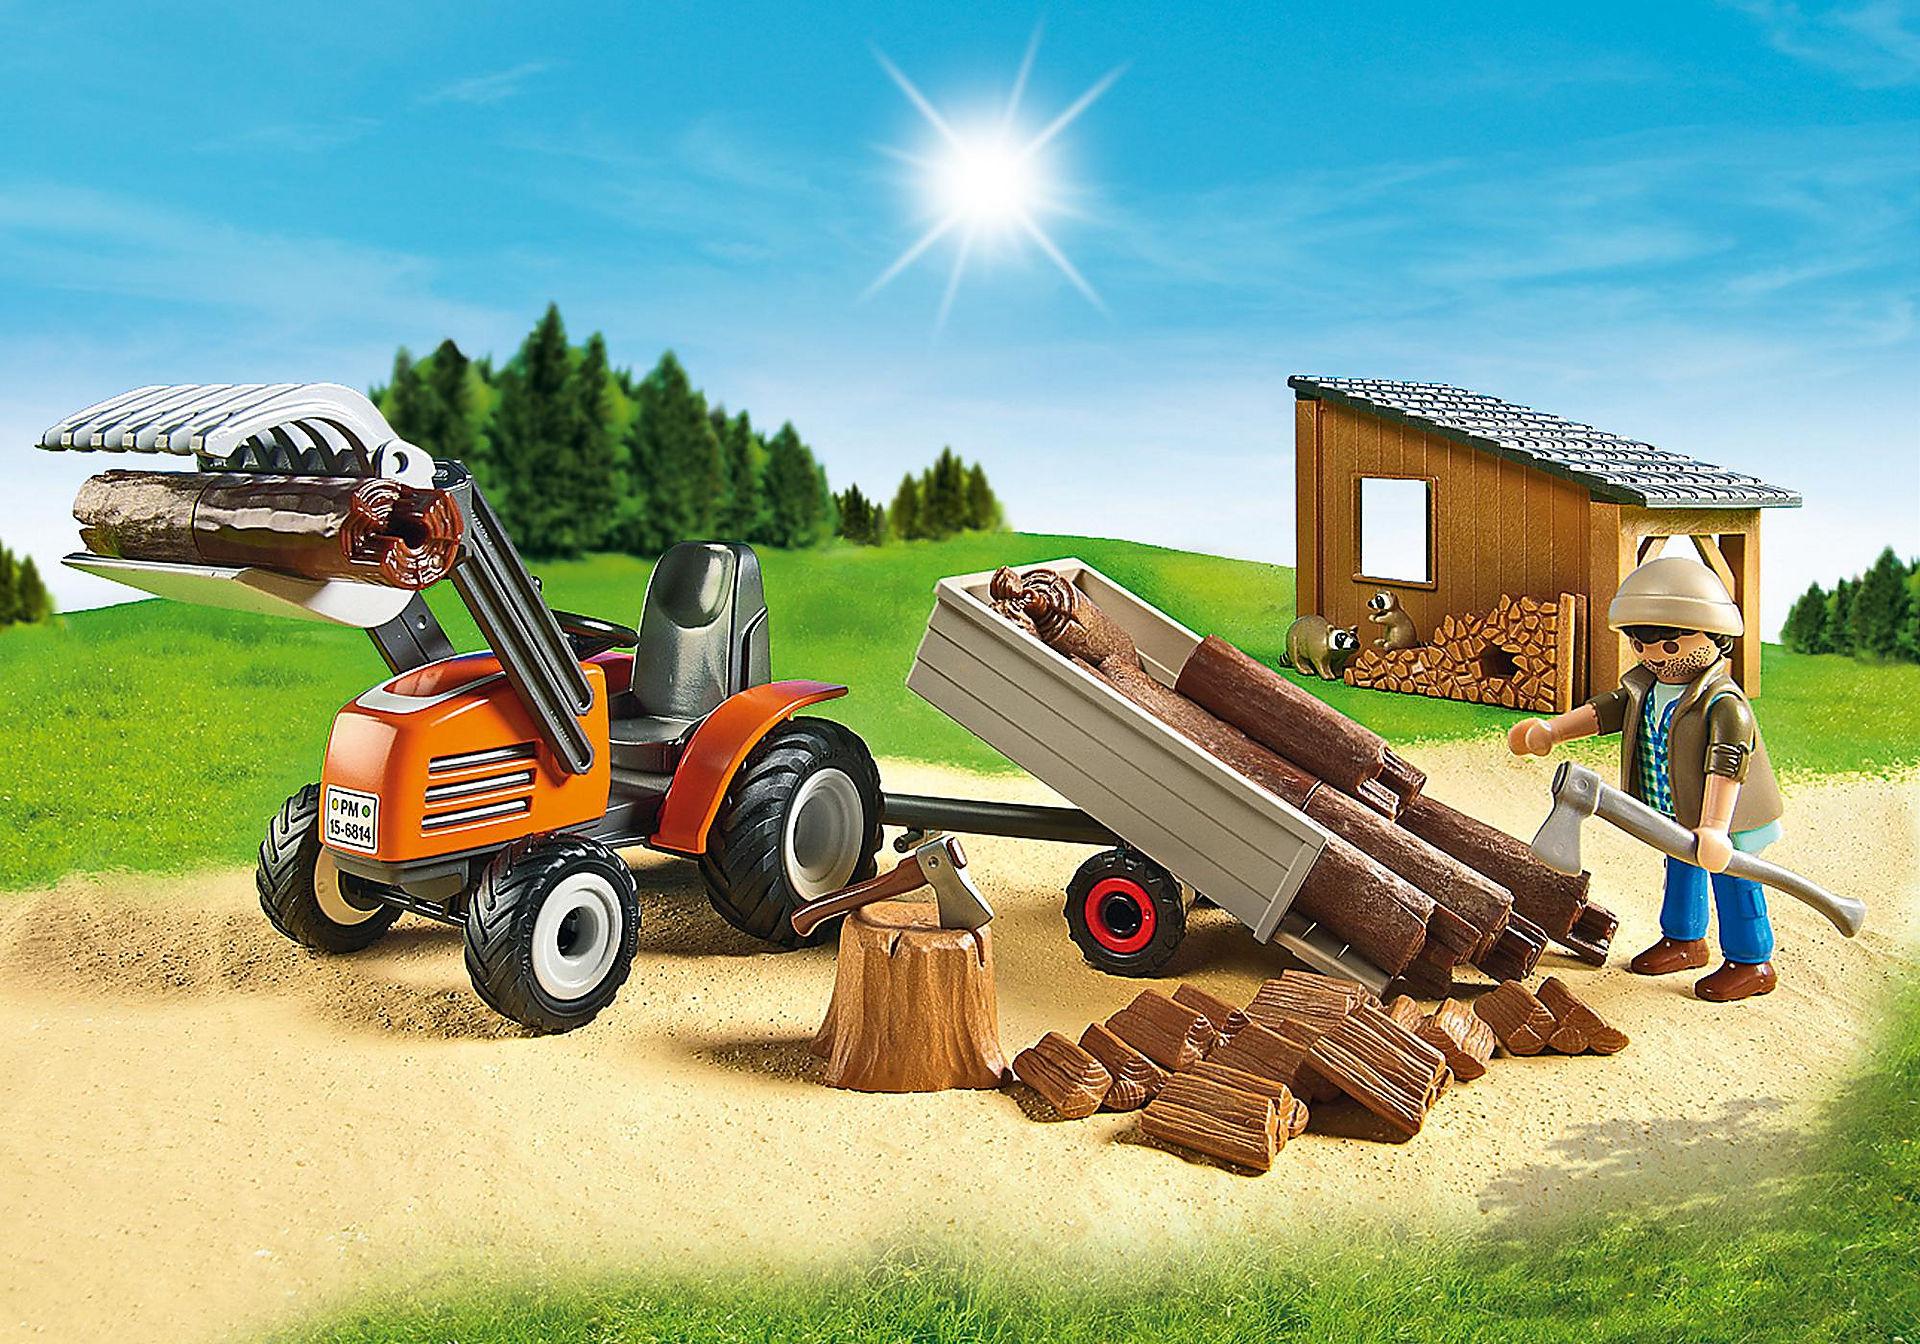 http://media.playmobil.com/i/playmobil/6814_product_extra1/Skogsarbetare med traktor